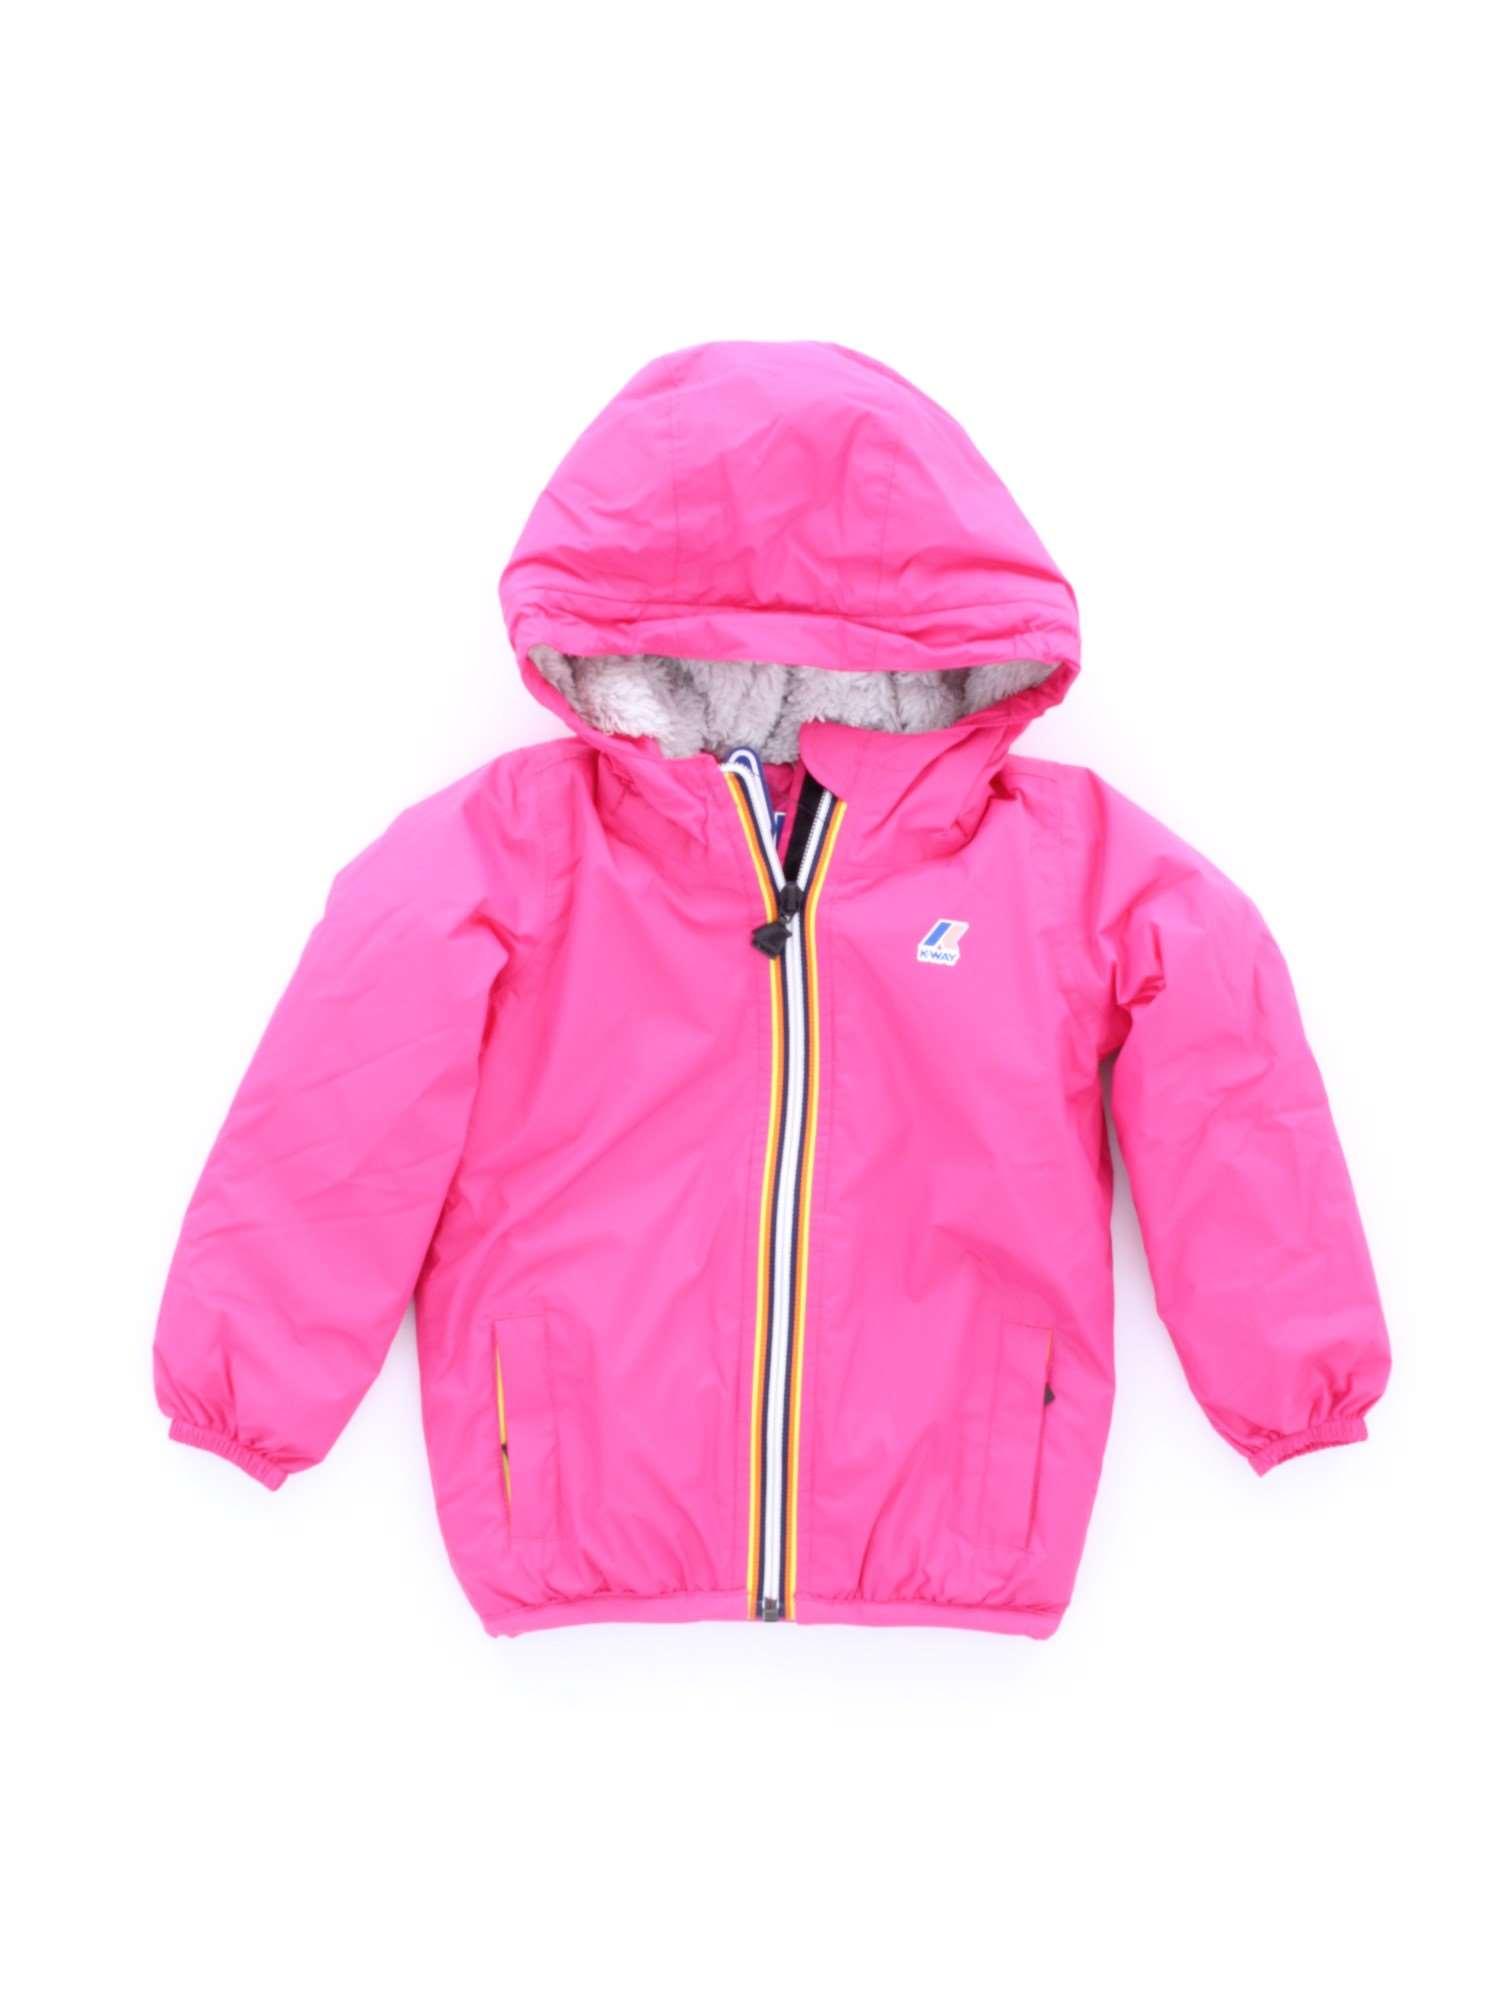 2ea276d9101d Donna Scarpe Vendita Uomo Borse E Online Abbigliamento zAwaqtA